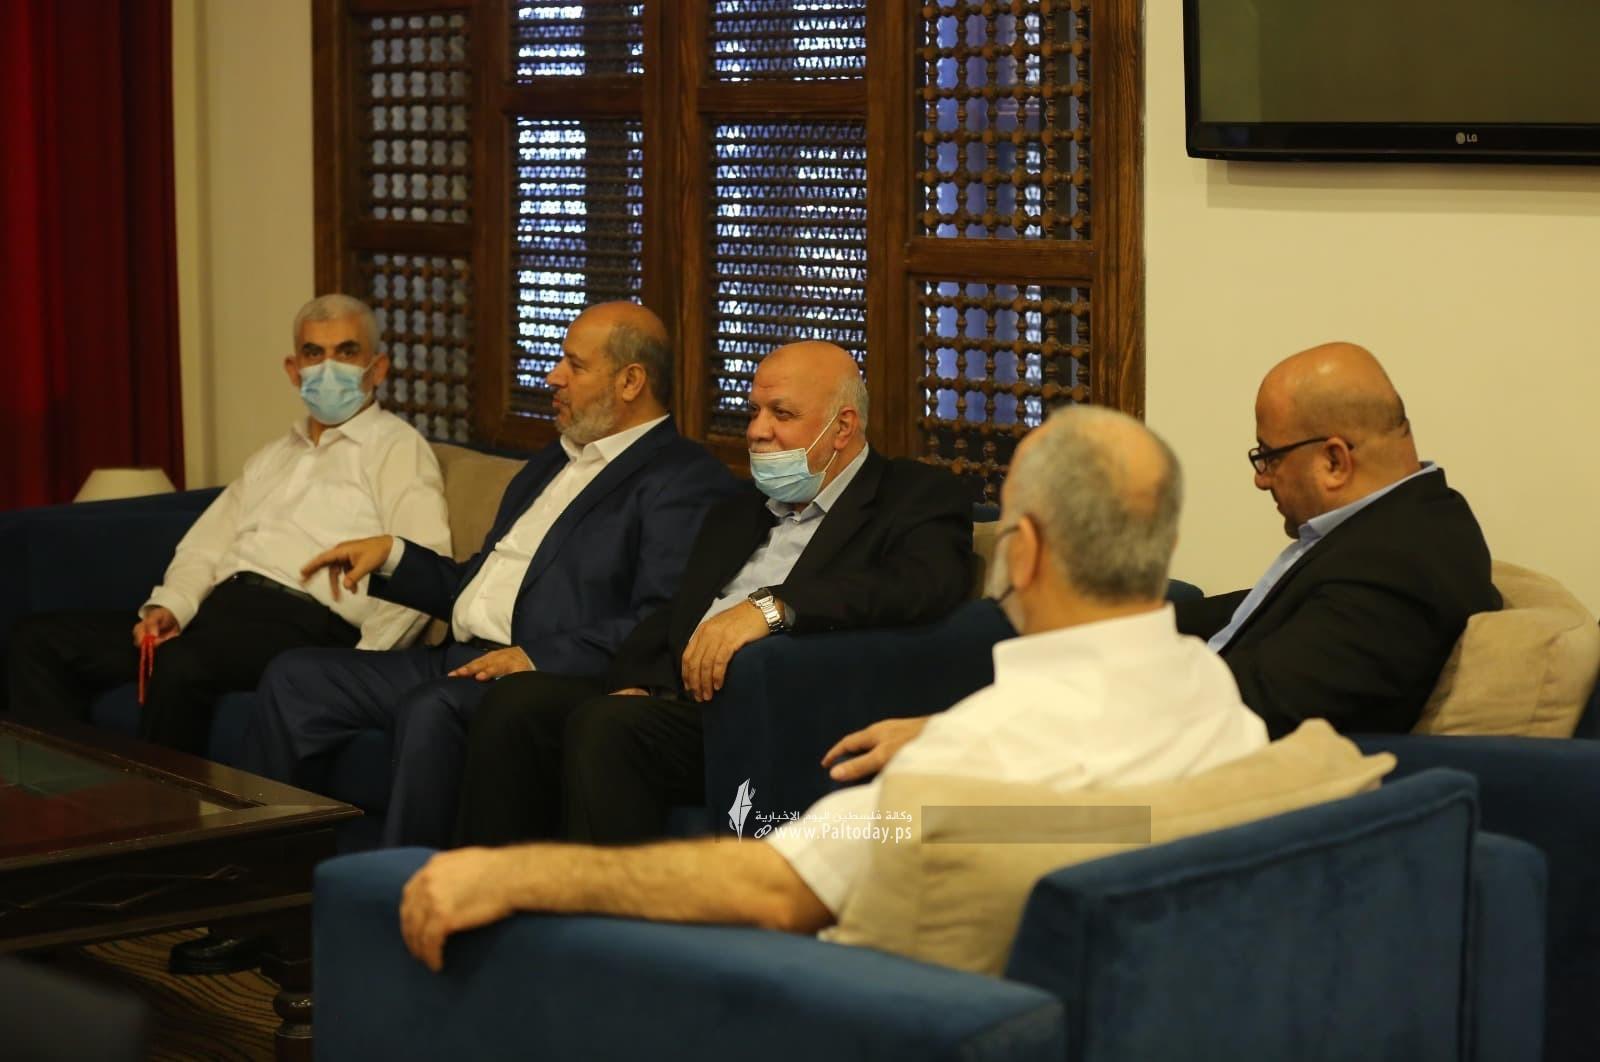 وفد حماس يصل لاستقبال رئيس المخابرات المصرية7.jpg